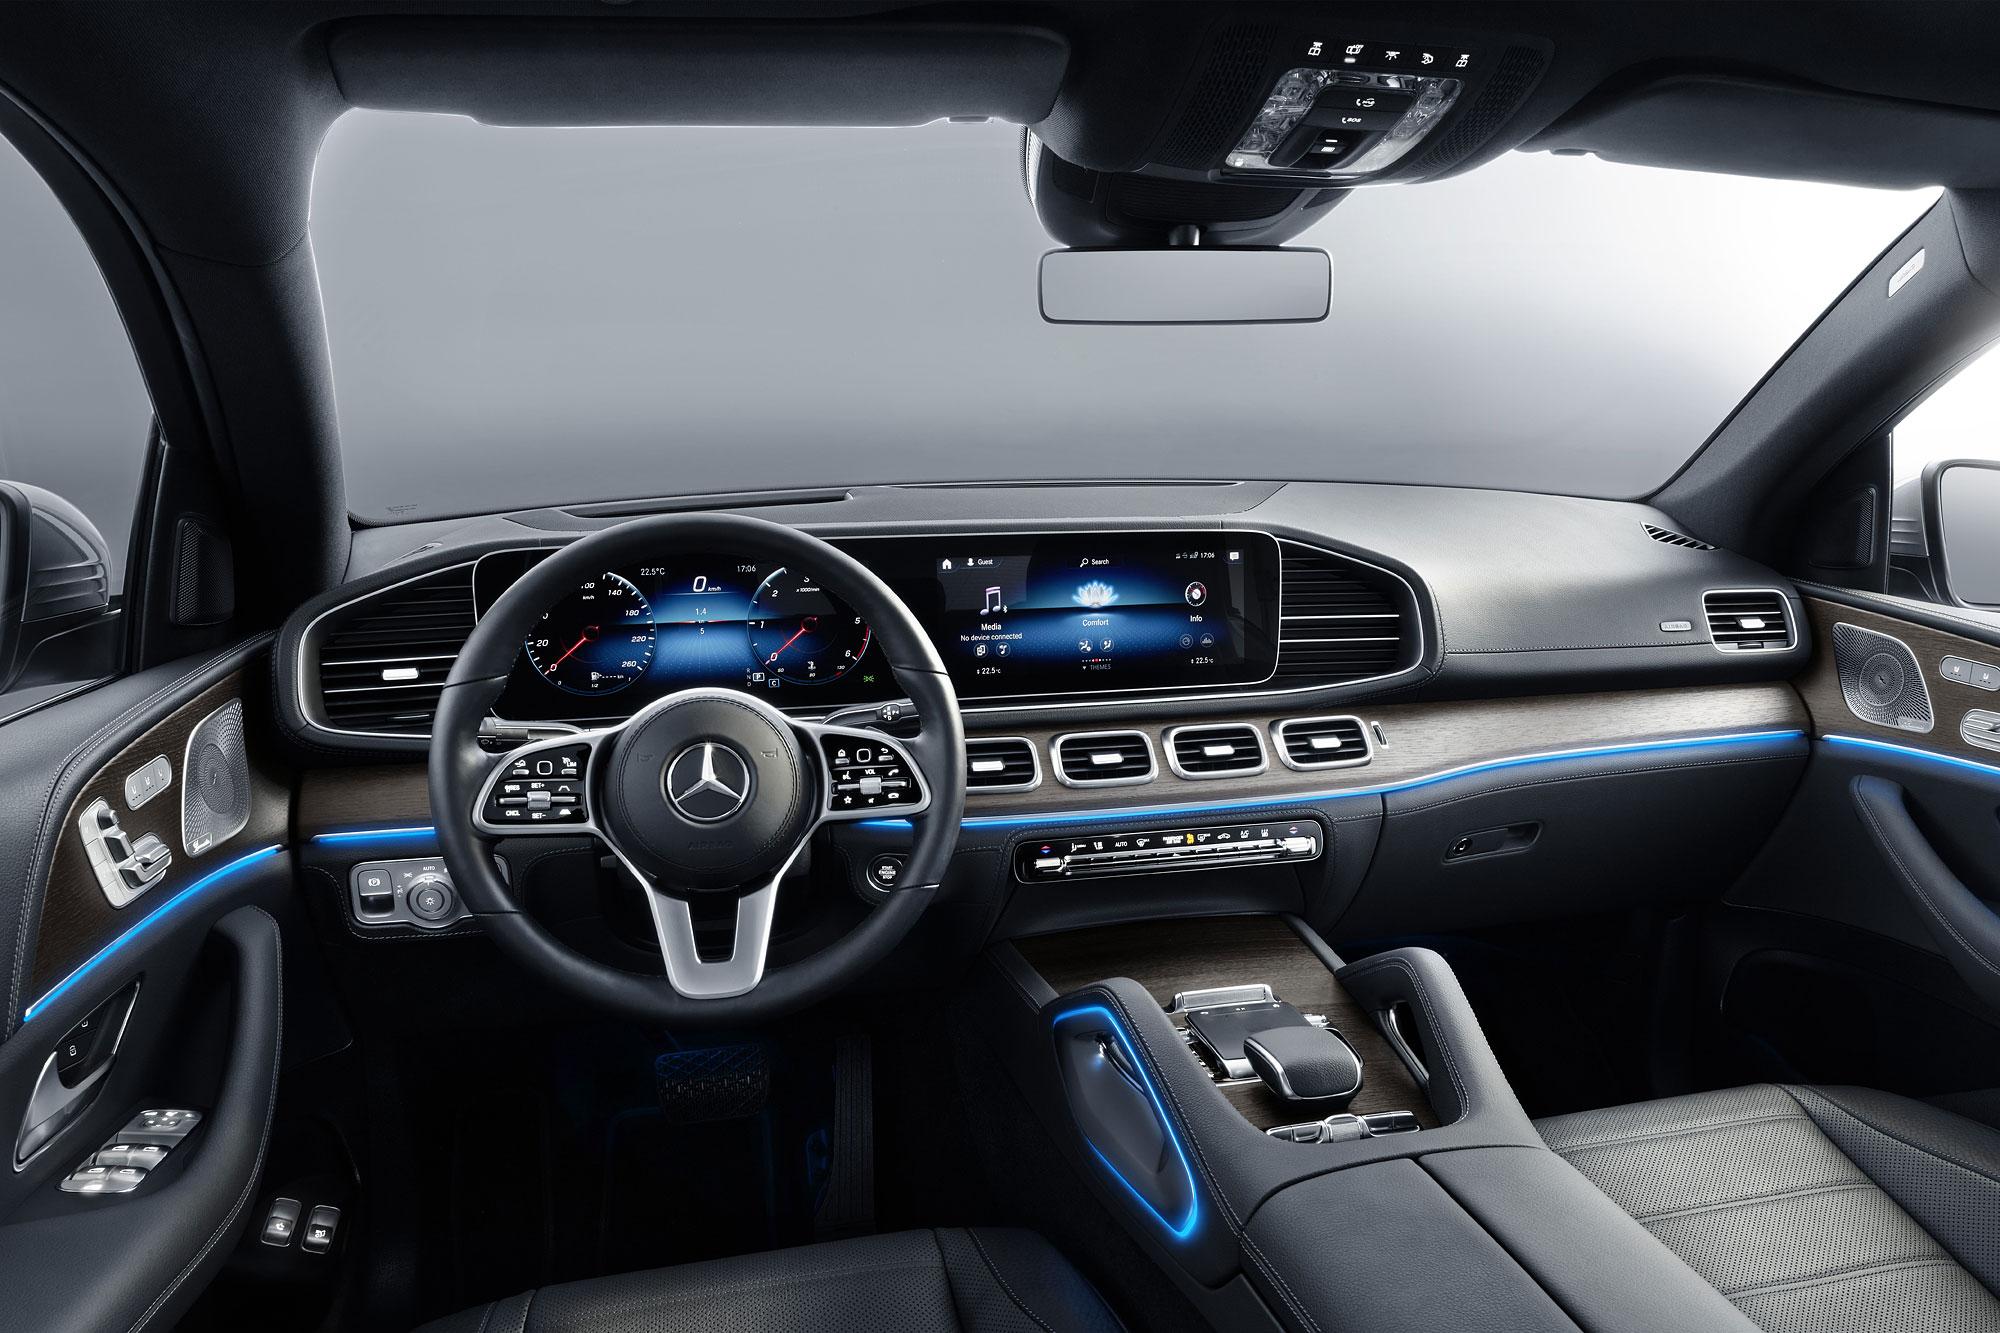 科技化的座艙鋪陳,追隨上 Mercedes-Benz 新世代家族產品的腳步。